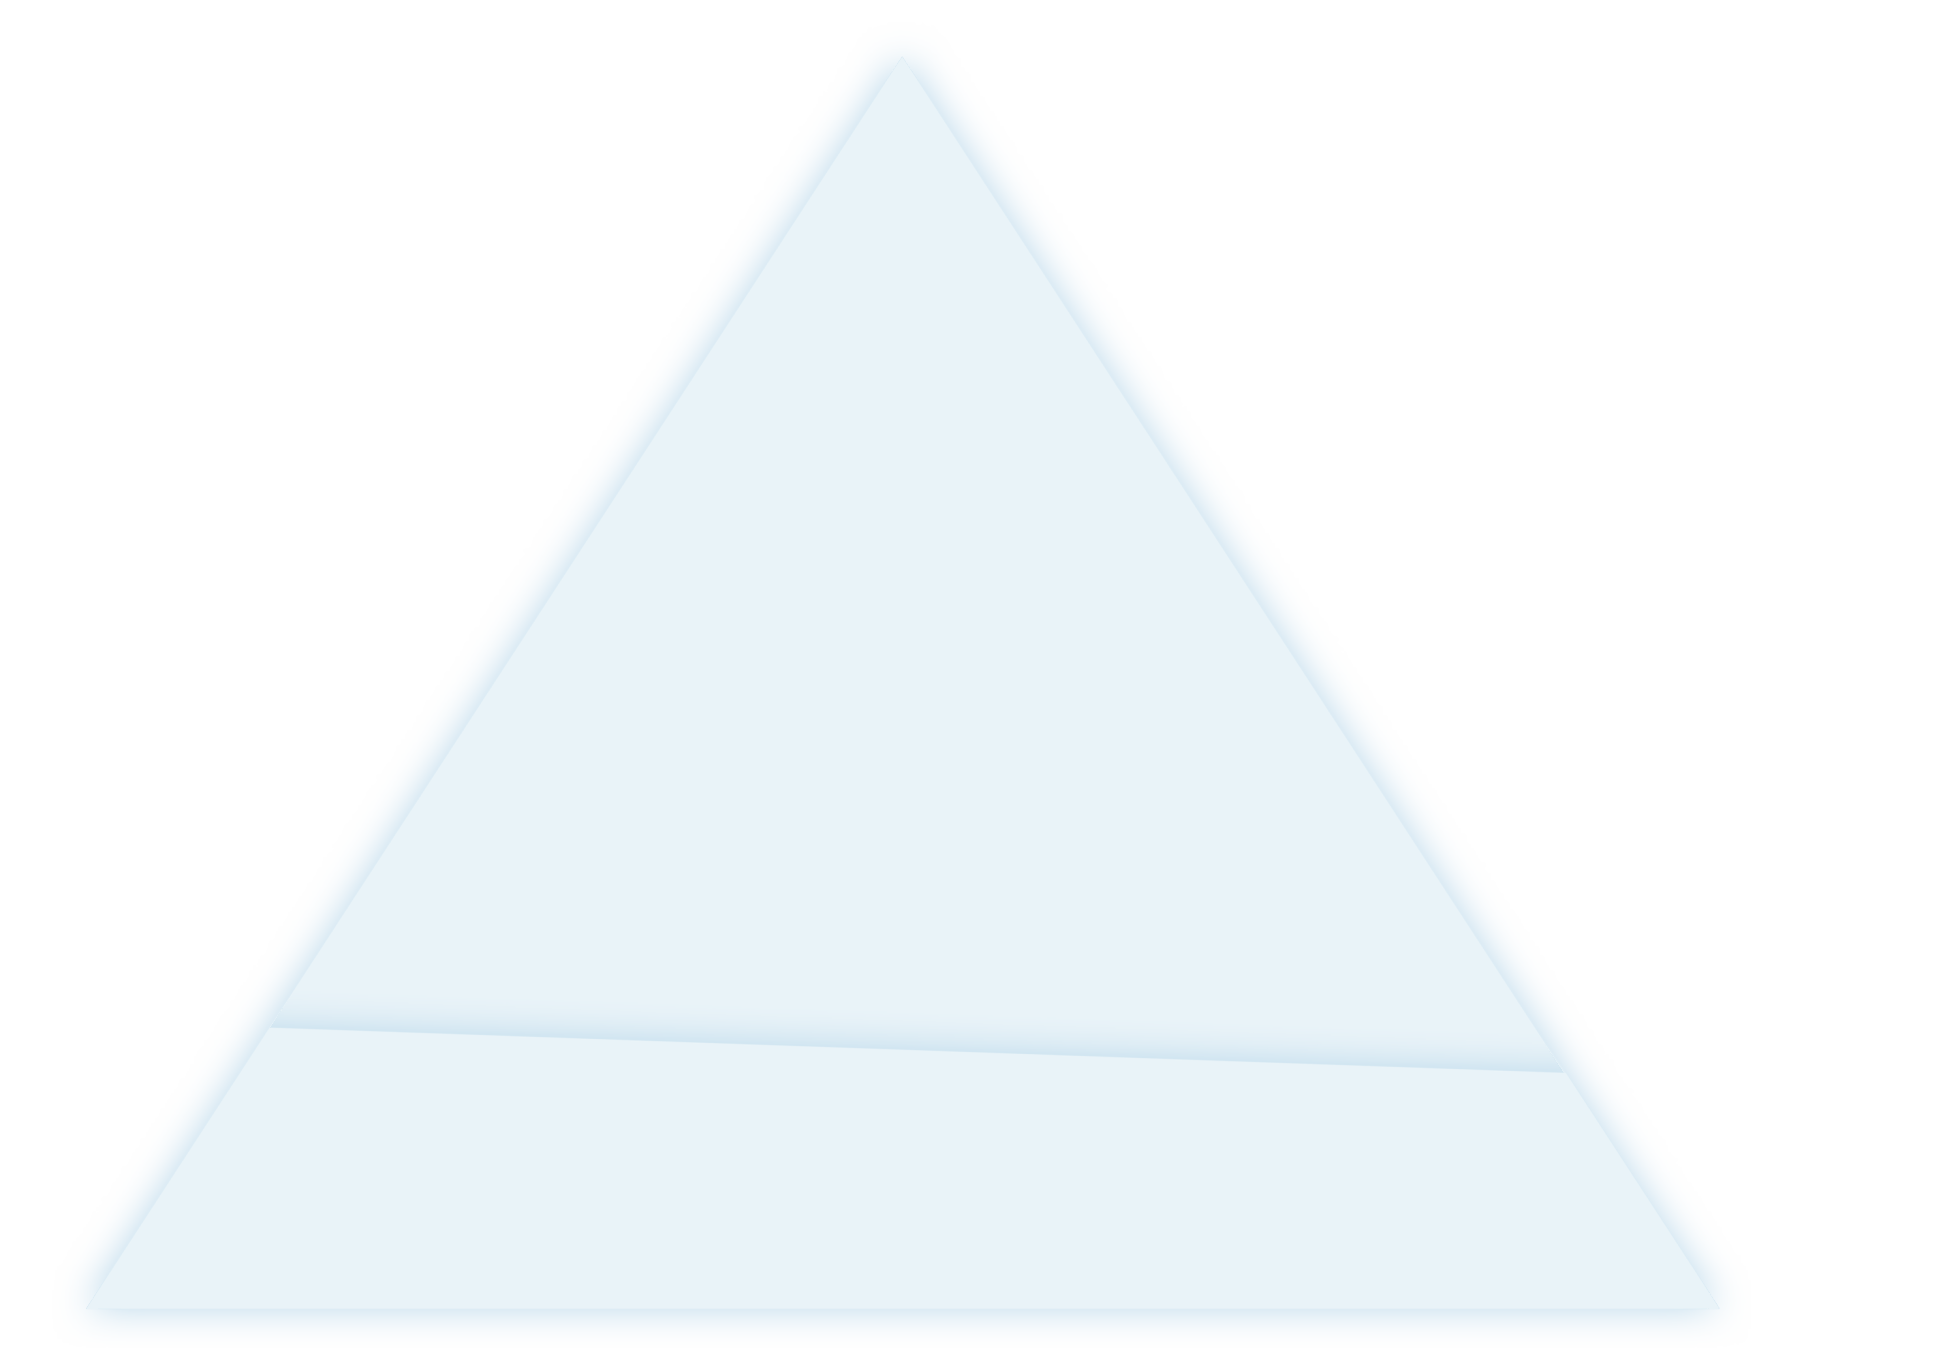 Pyramid 2